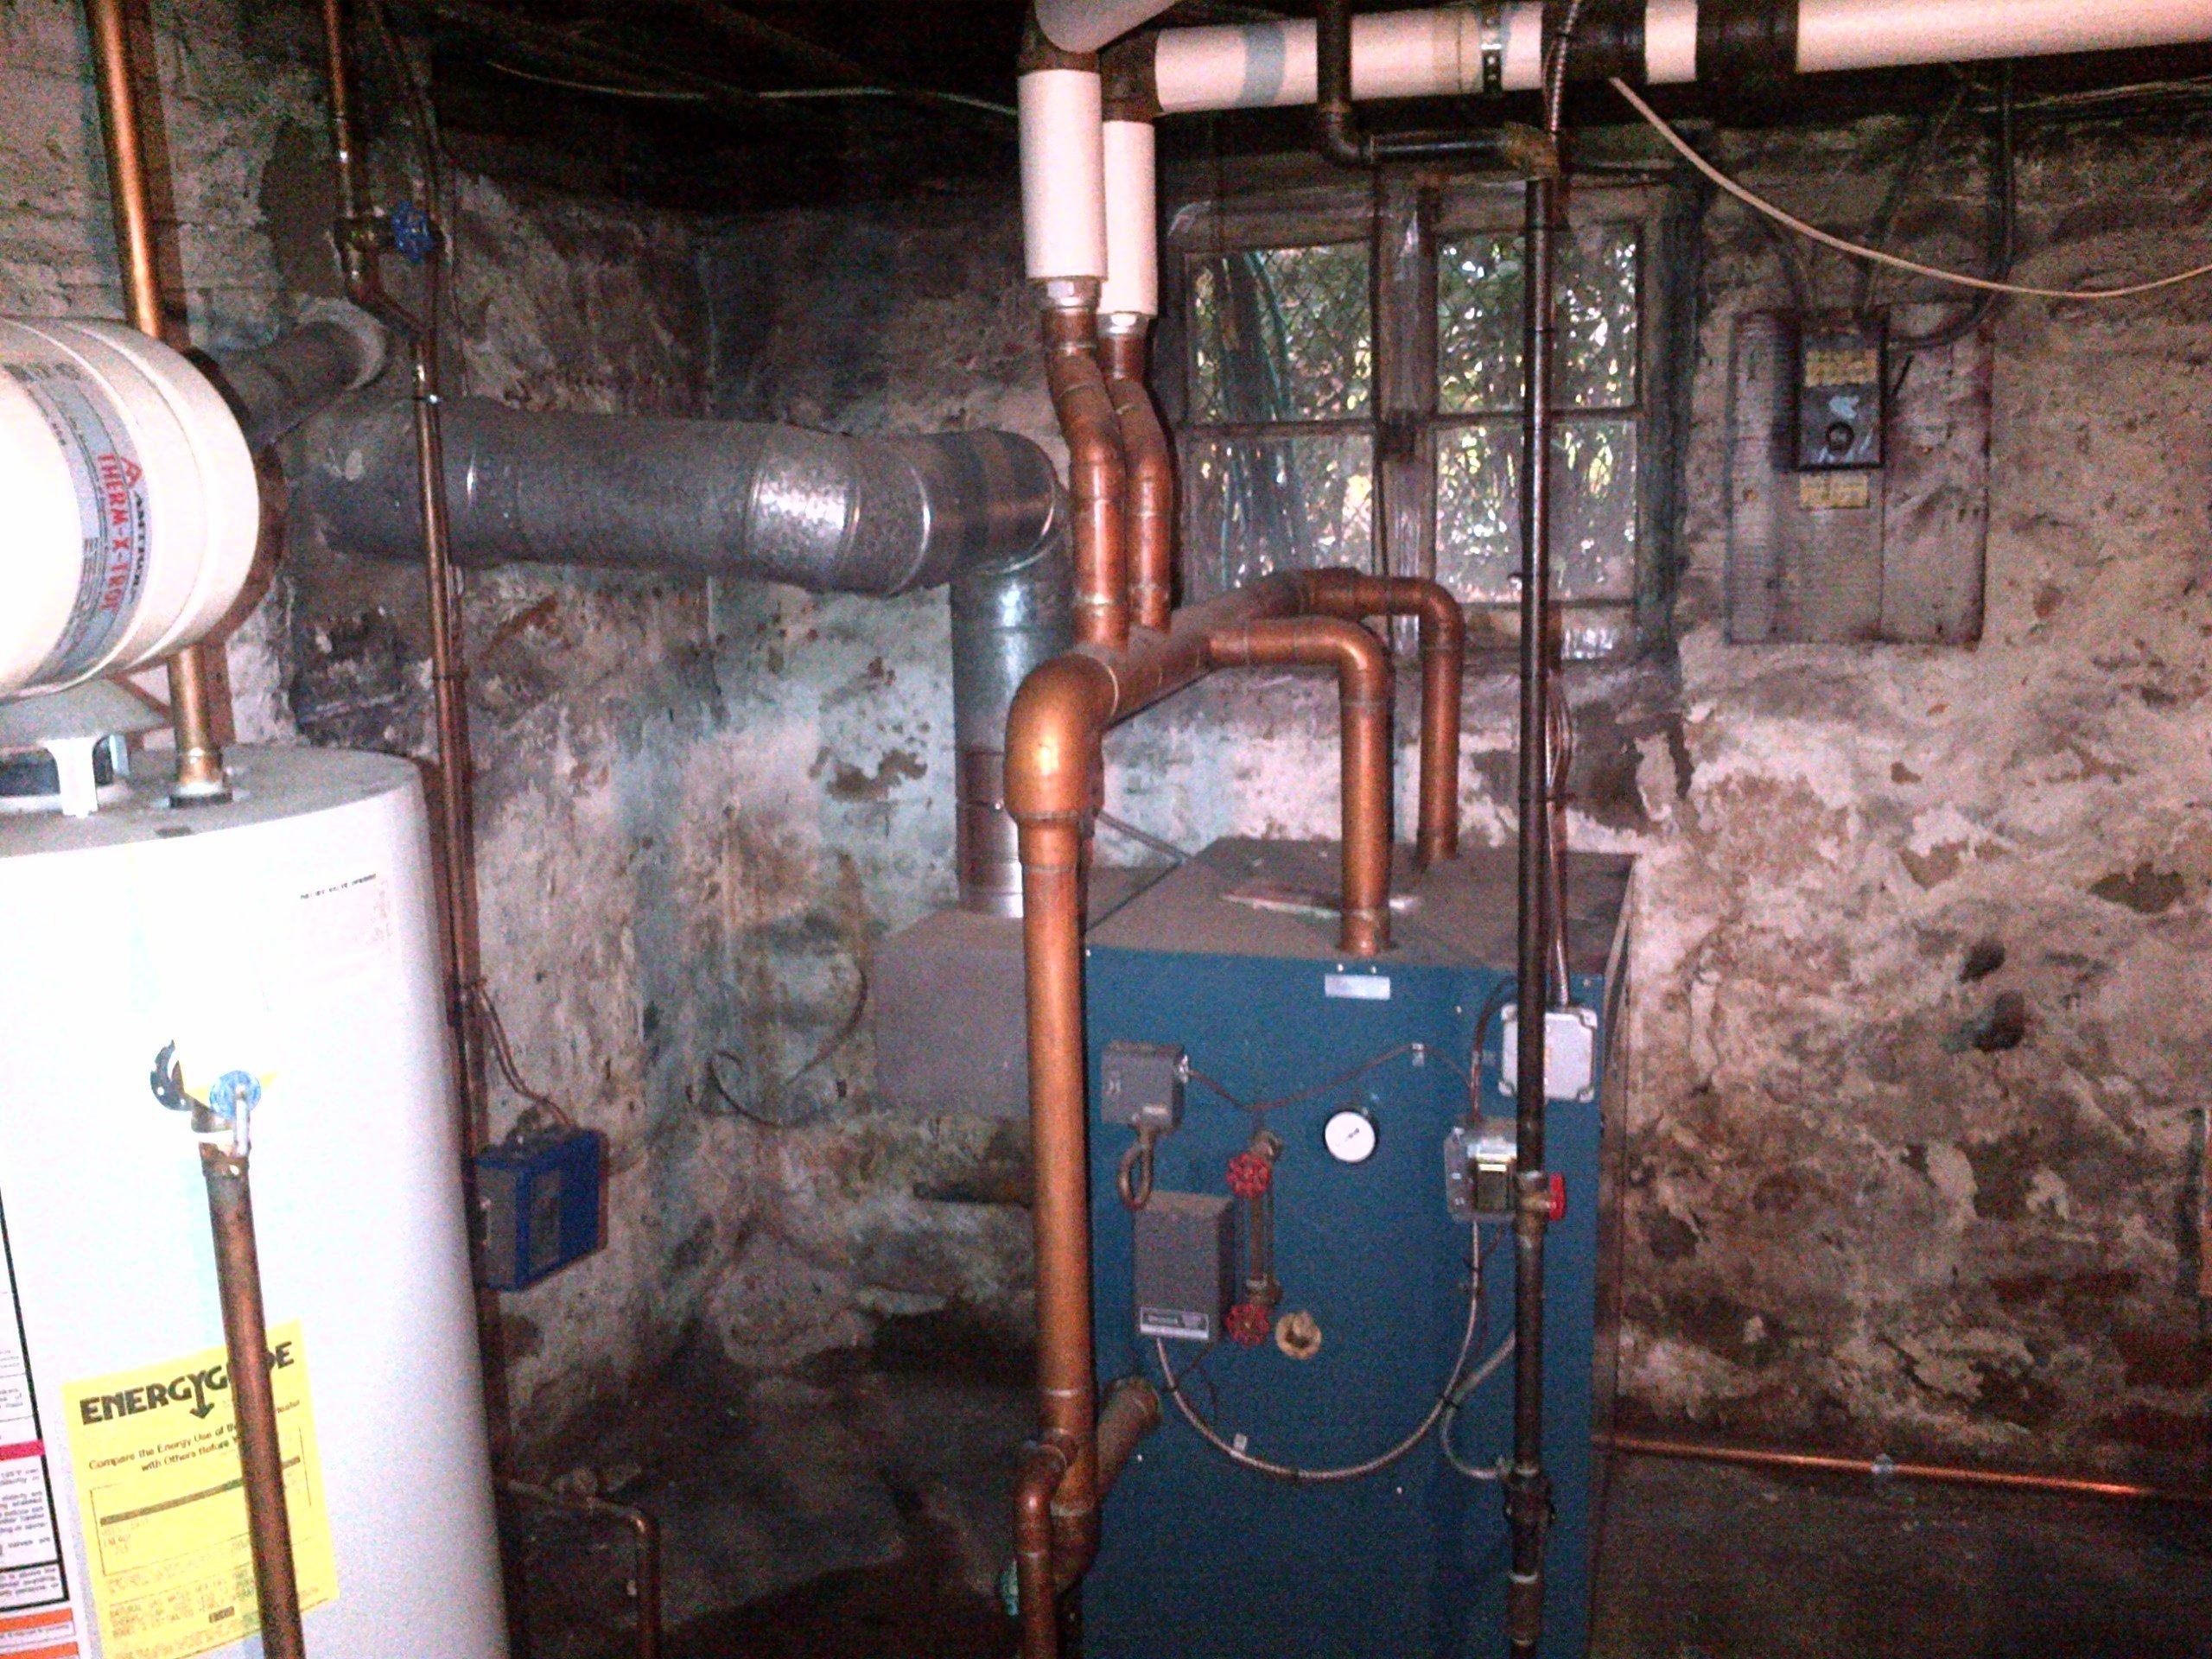 Burnham Gas Boiler Heating Help The Wall